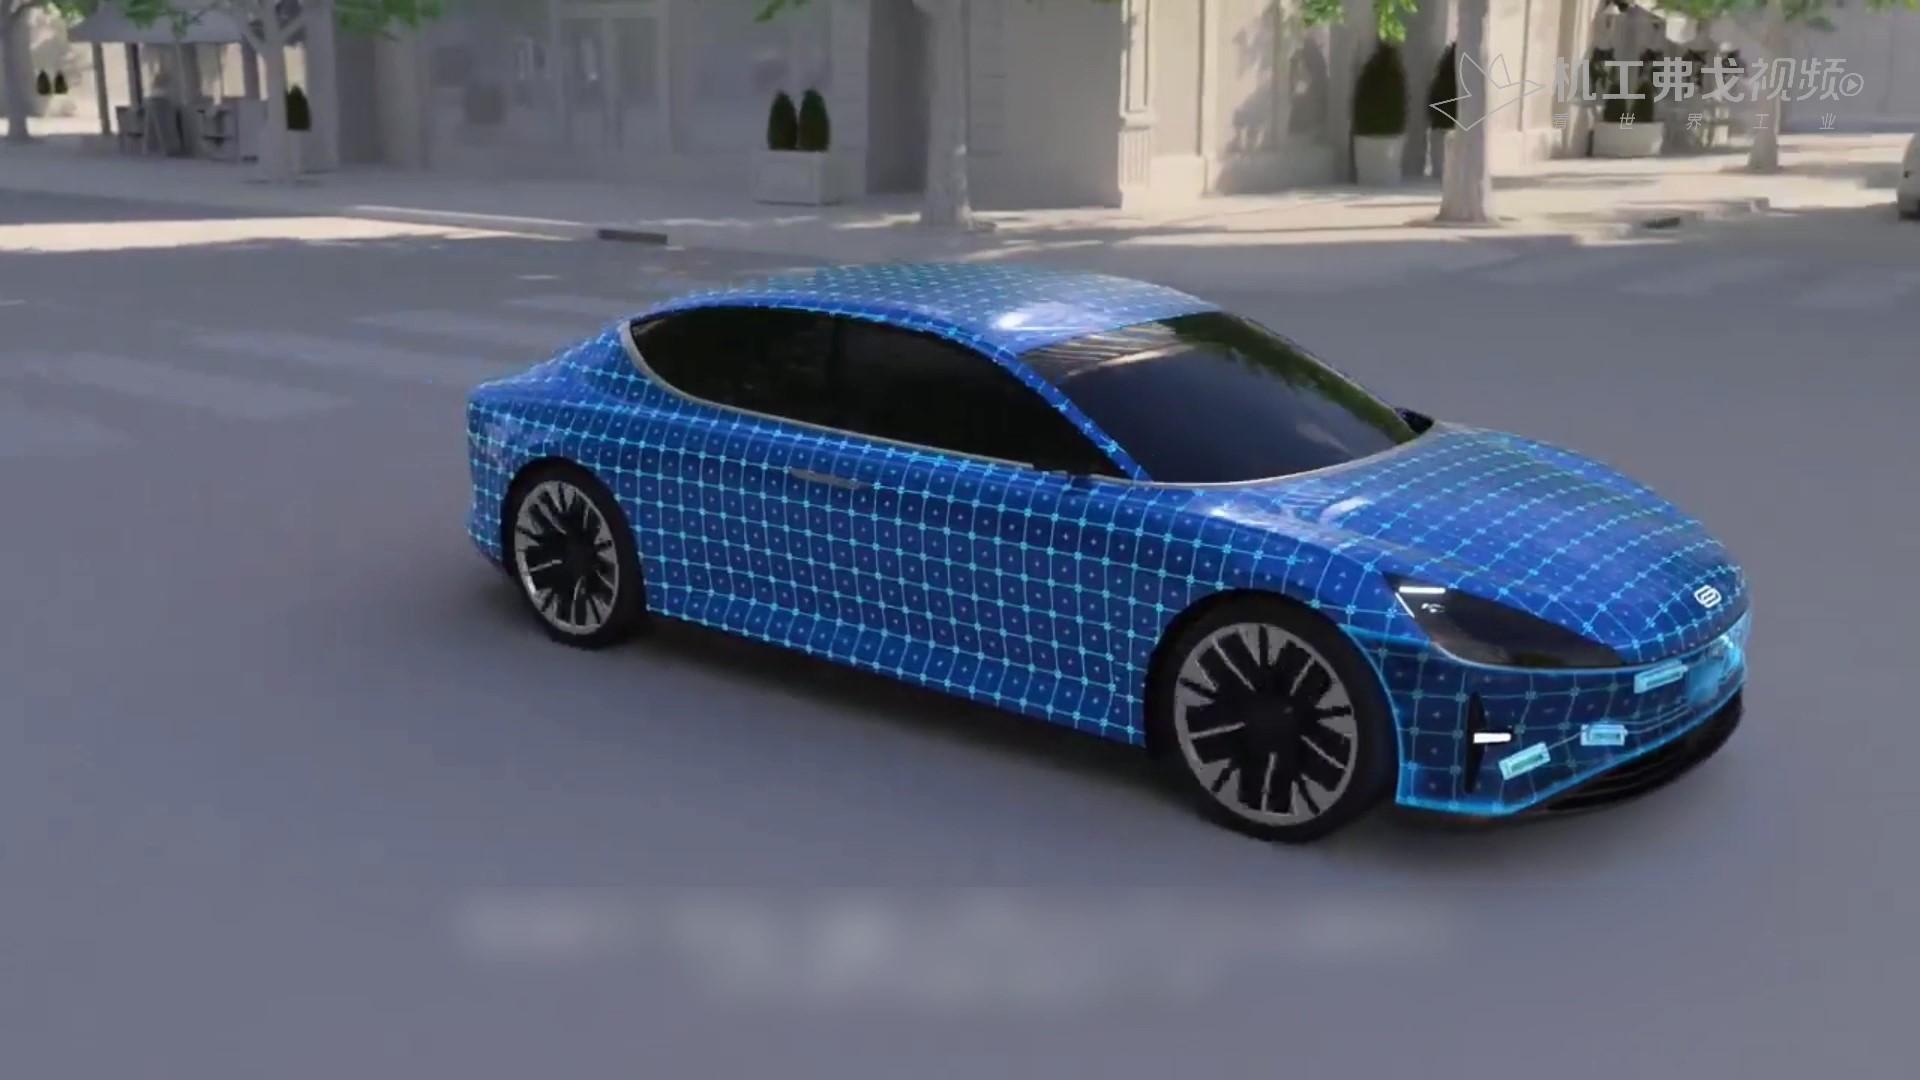 【弗戈工业趣闻】在车身外饰上集成创新的4D成像雷达